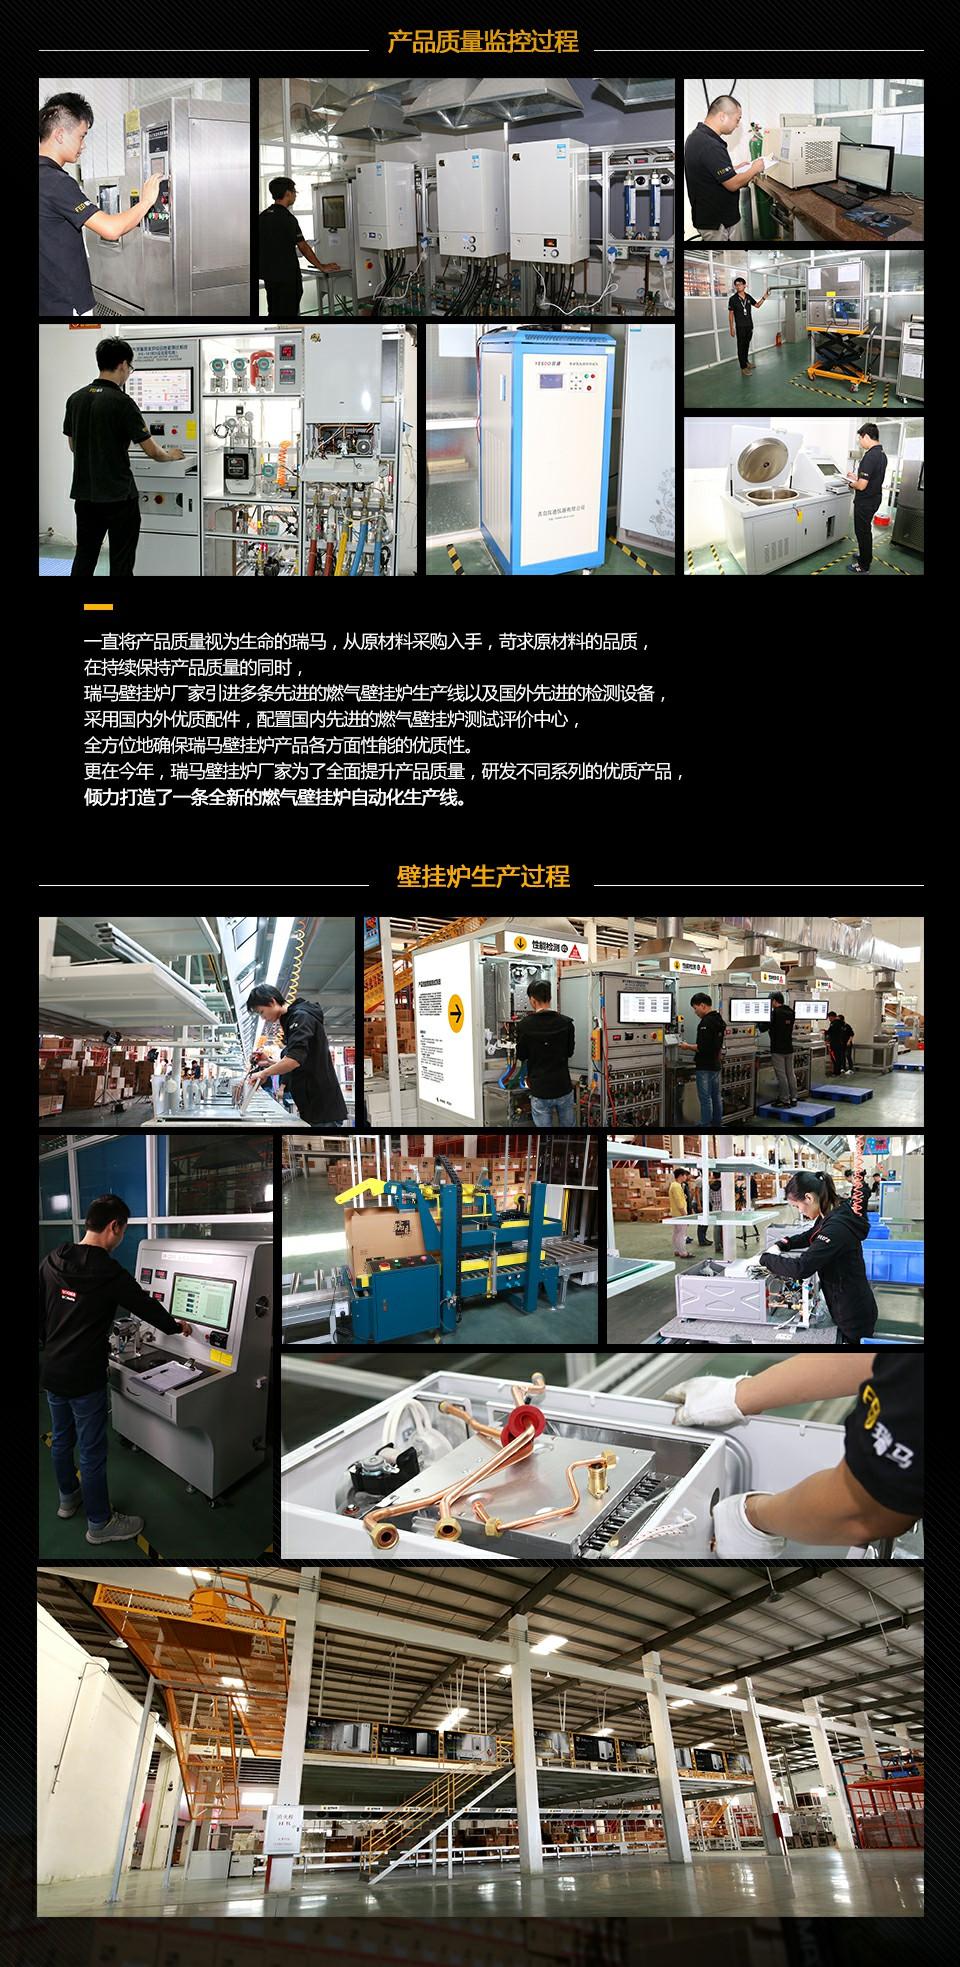 瑞马壁挂炉产品质量监控过程